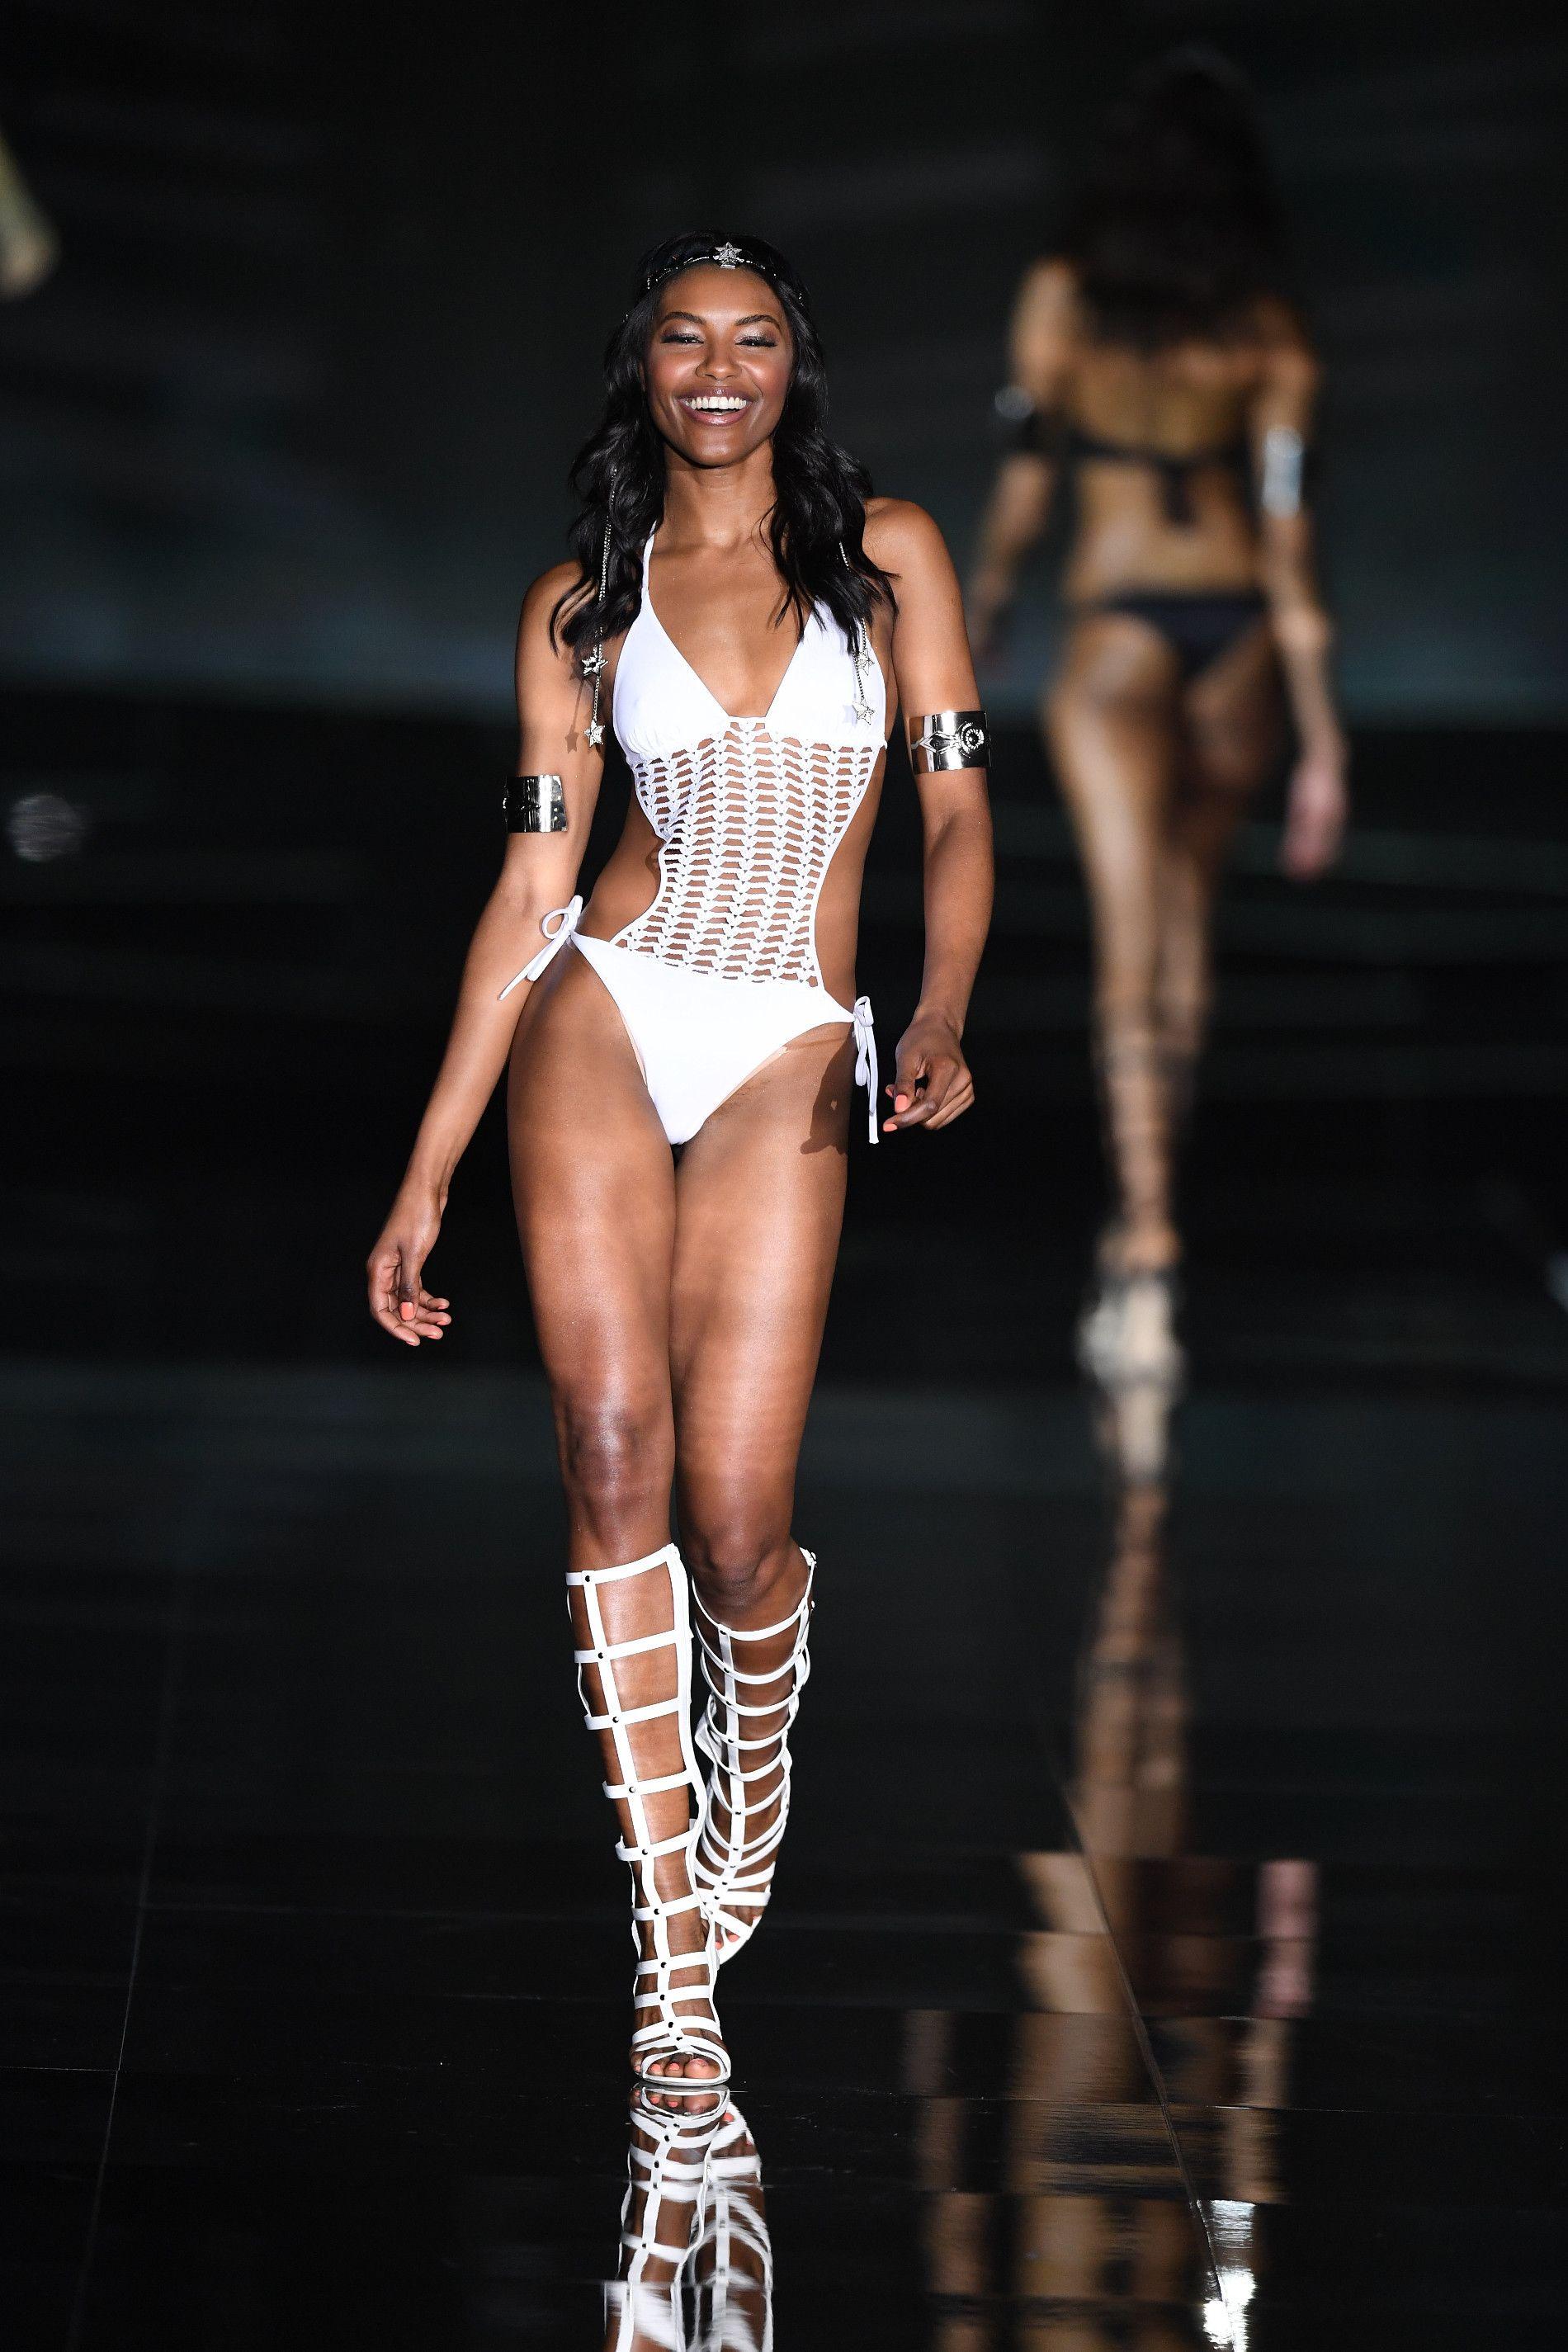 <p>Un grande ritorno: il trikini bianco con dettagli a maglia, anche in questo caso l'accessorio must have, sono i sandali da gladiatore in pendant.</p>